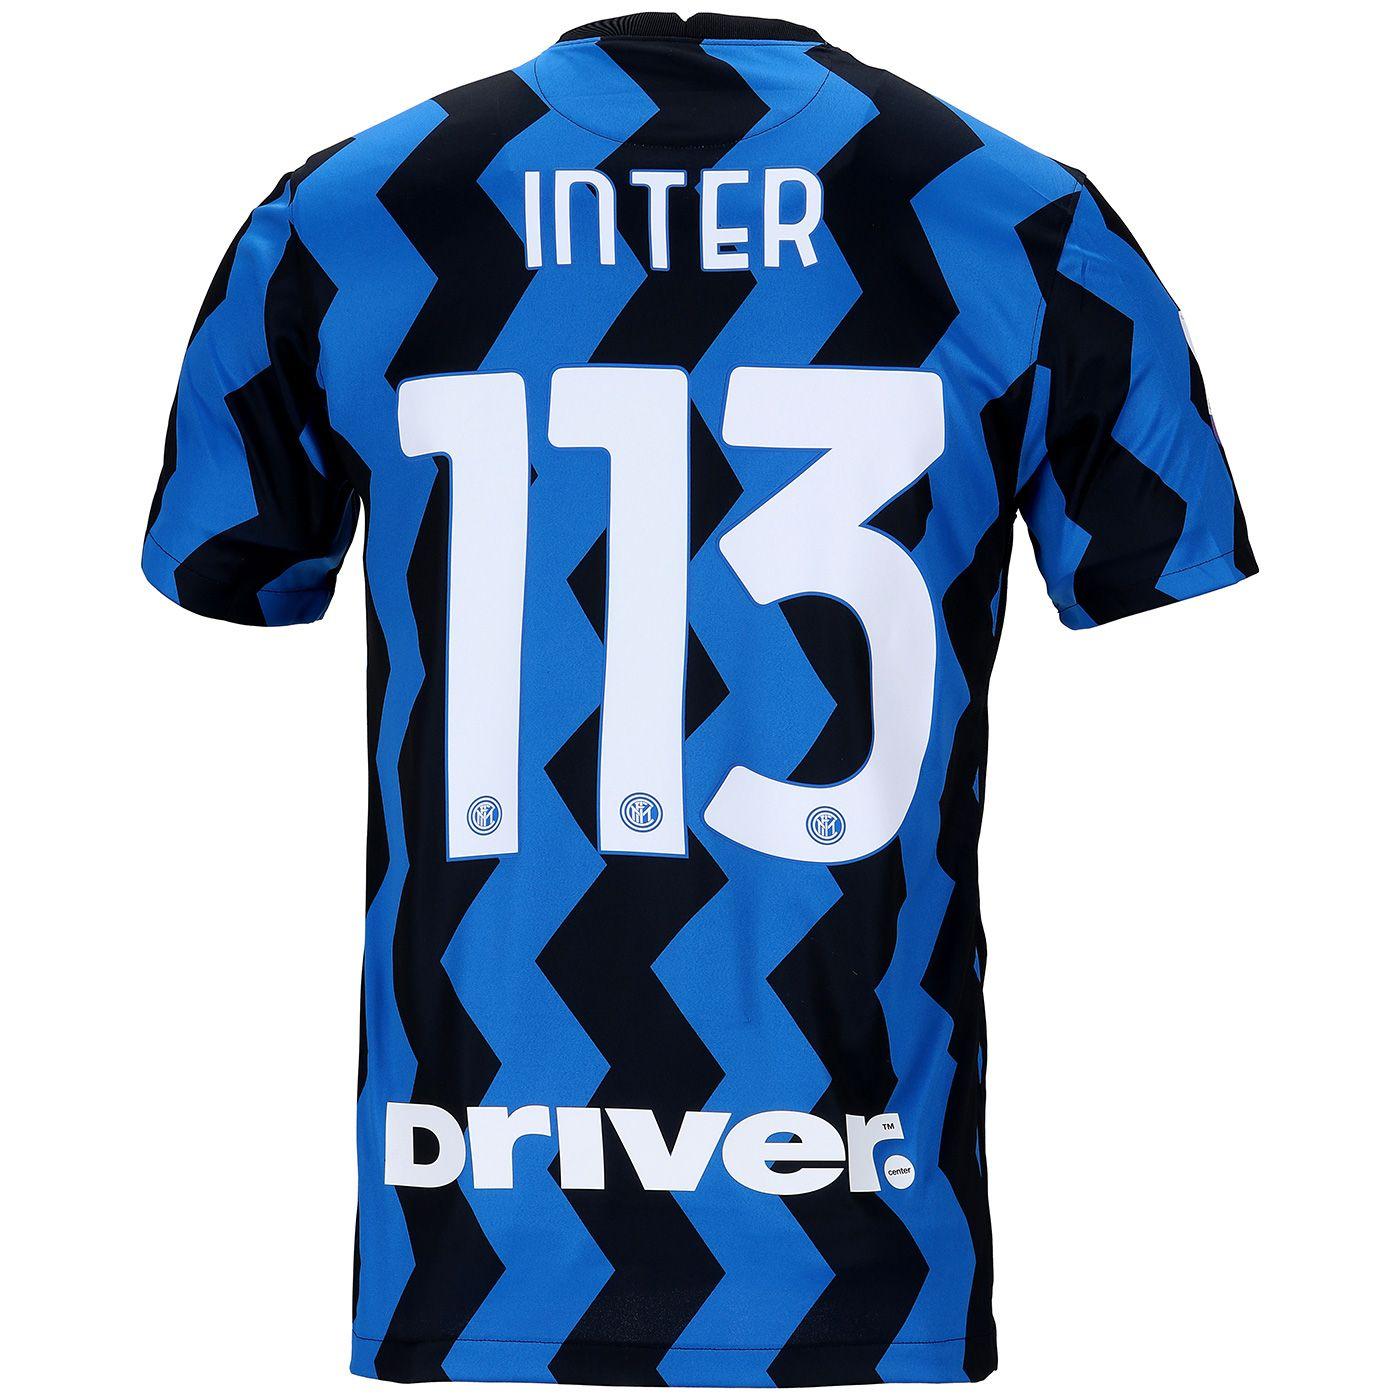 maillot-inter-milan-113-ans-signature-joueurs-1